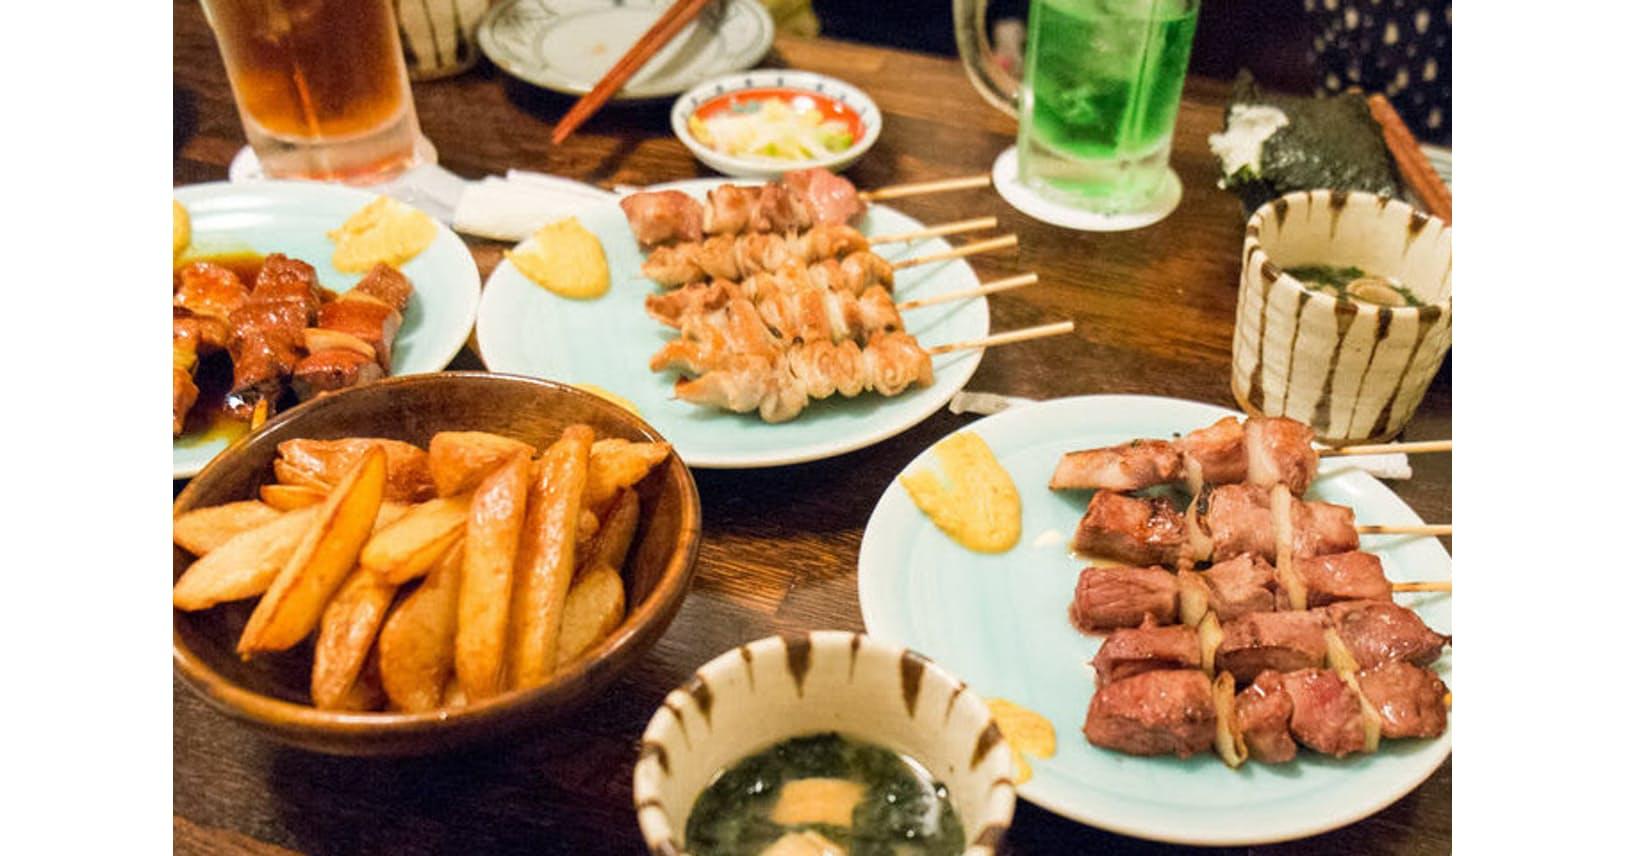 食後の血糖値どれが一番低い?ビール・日本酒・芋焼酎|ヘルスUP|NIKKEI STYLE